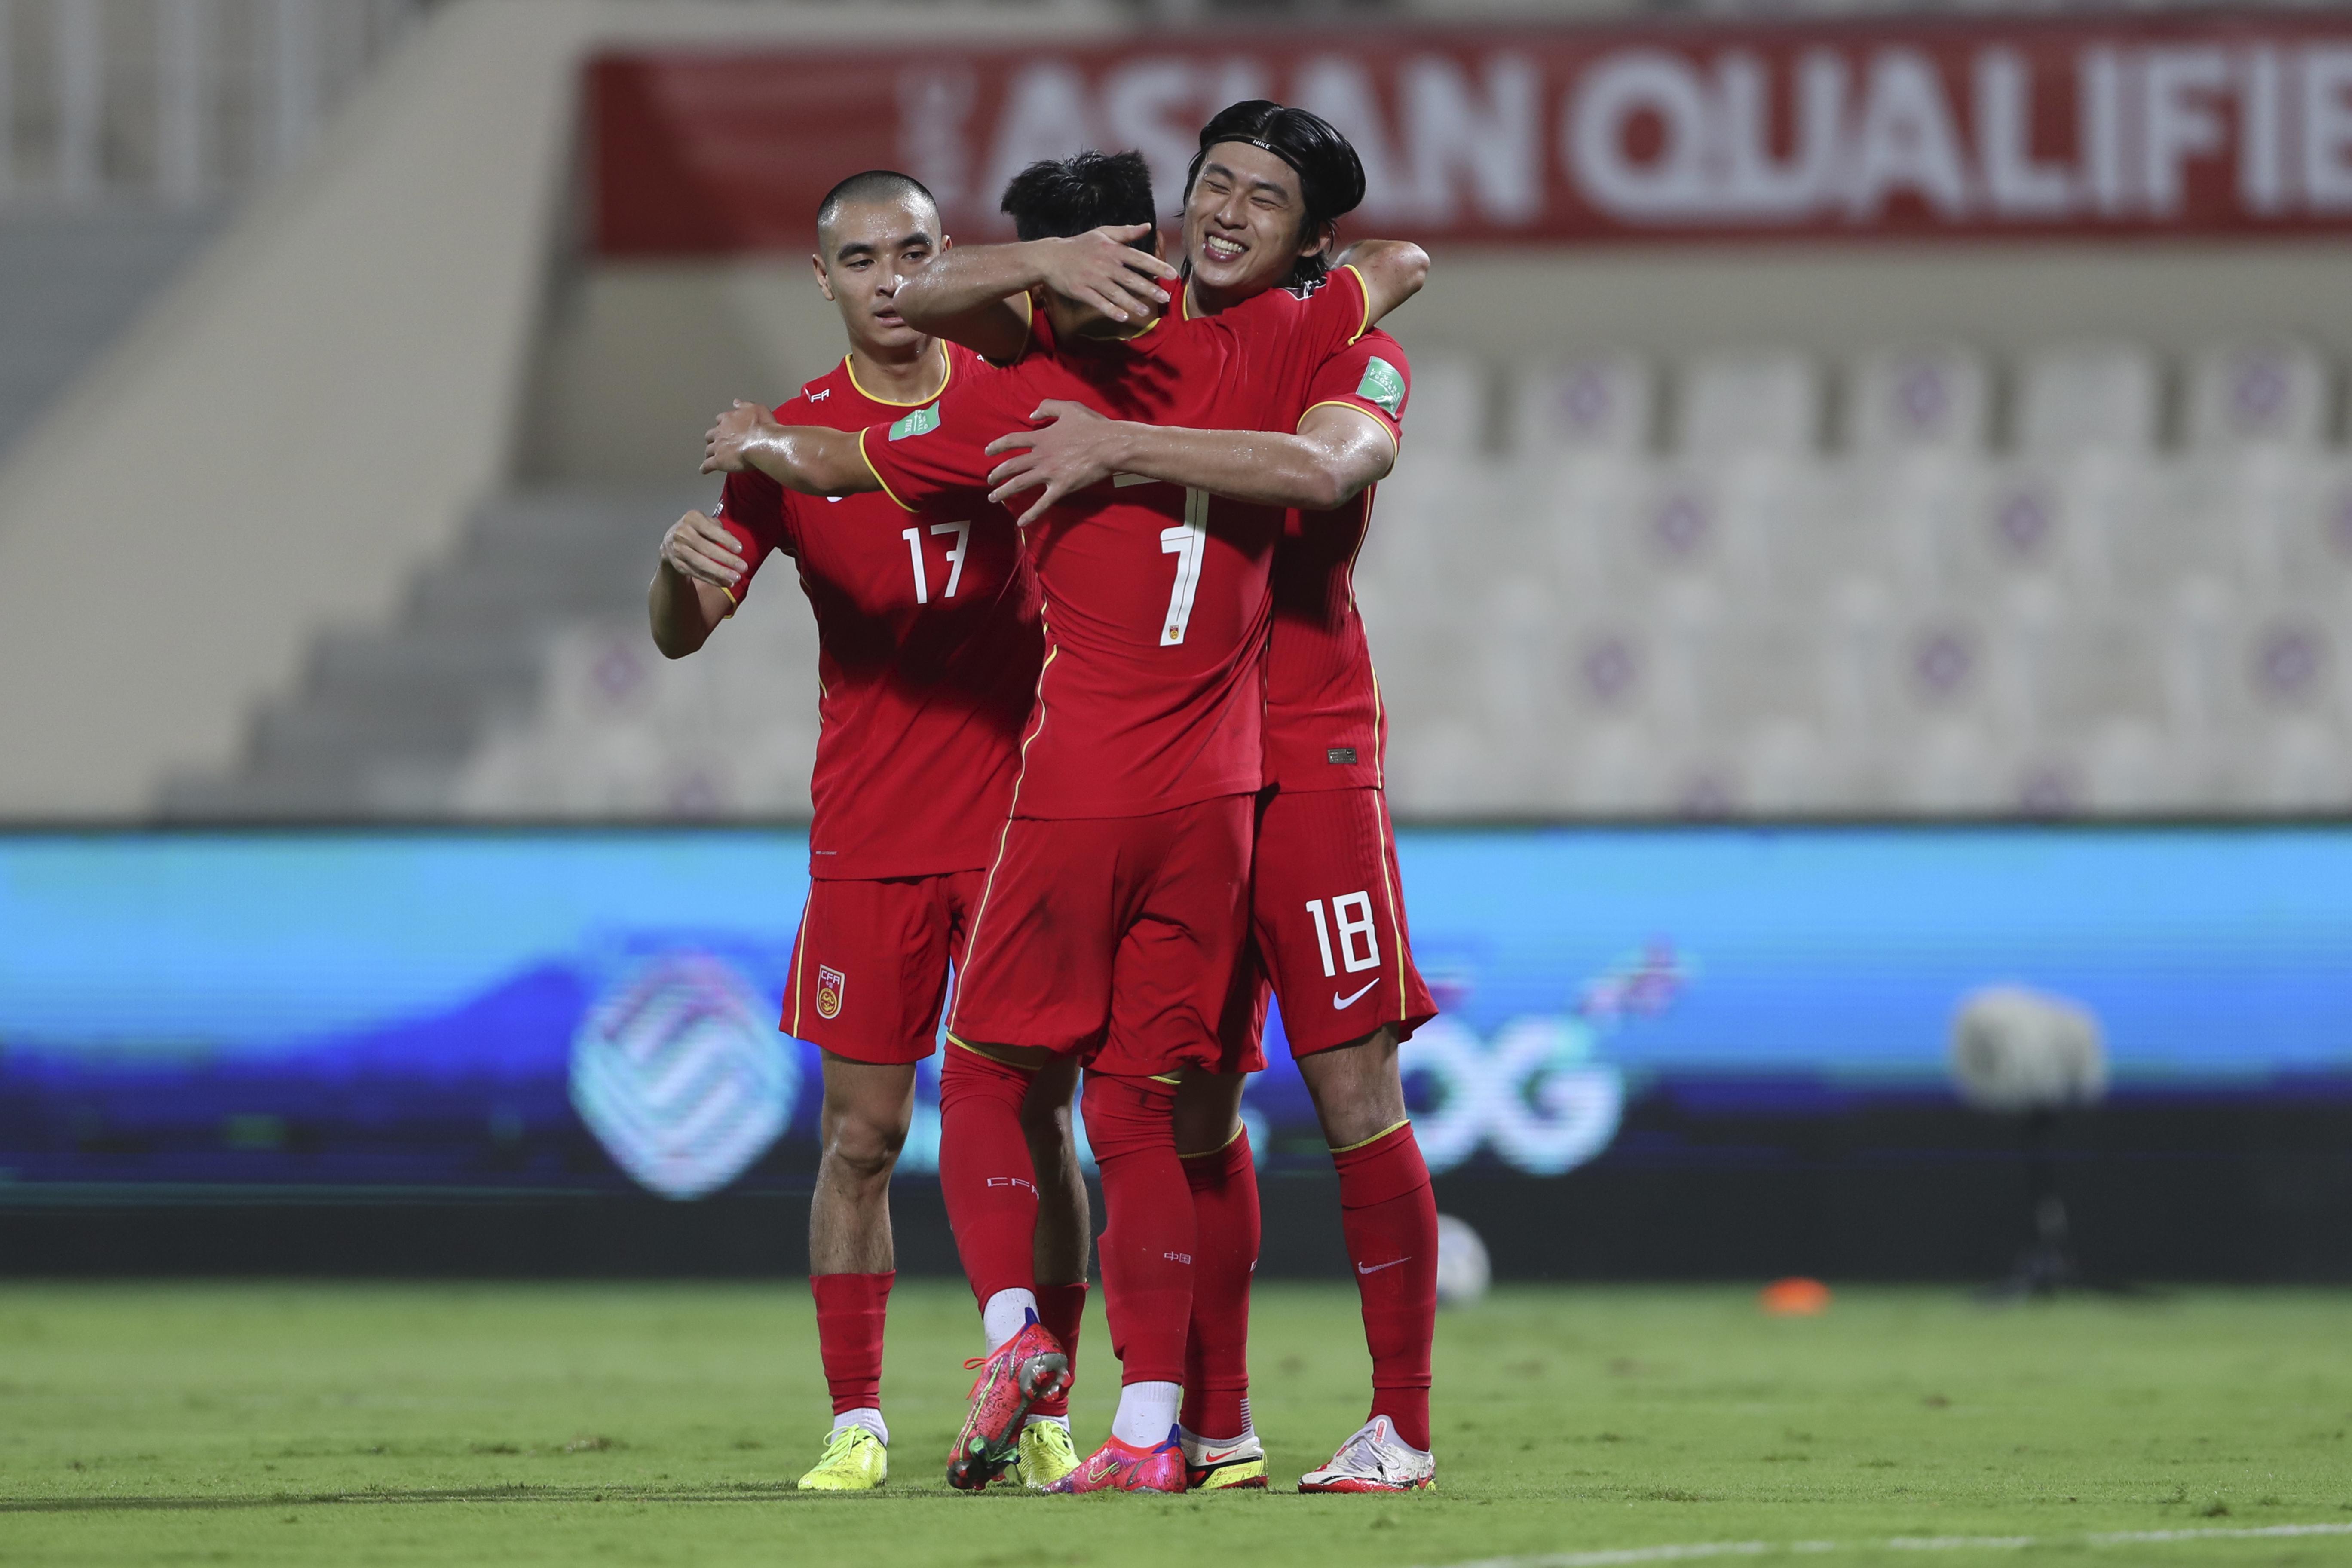 张玉宁和队友庆祝进球。